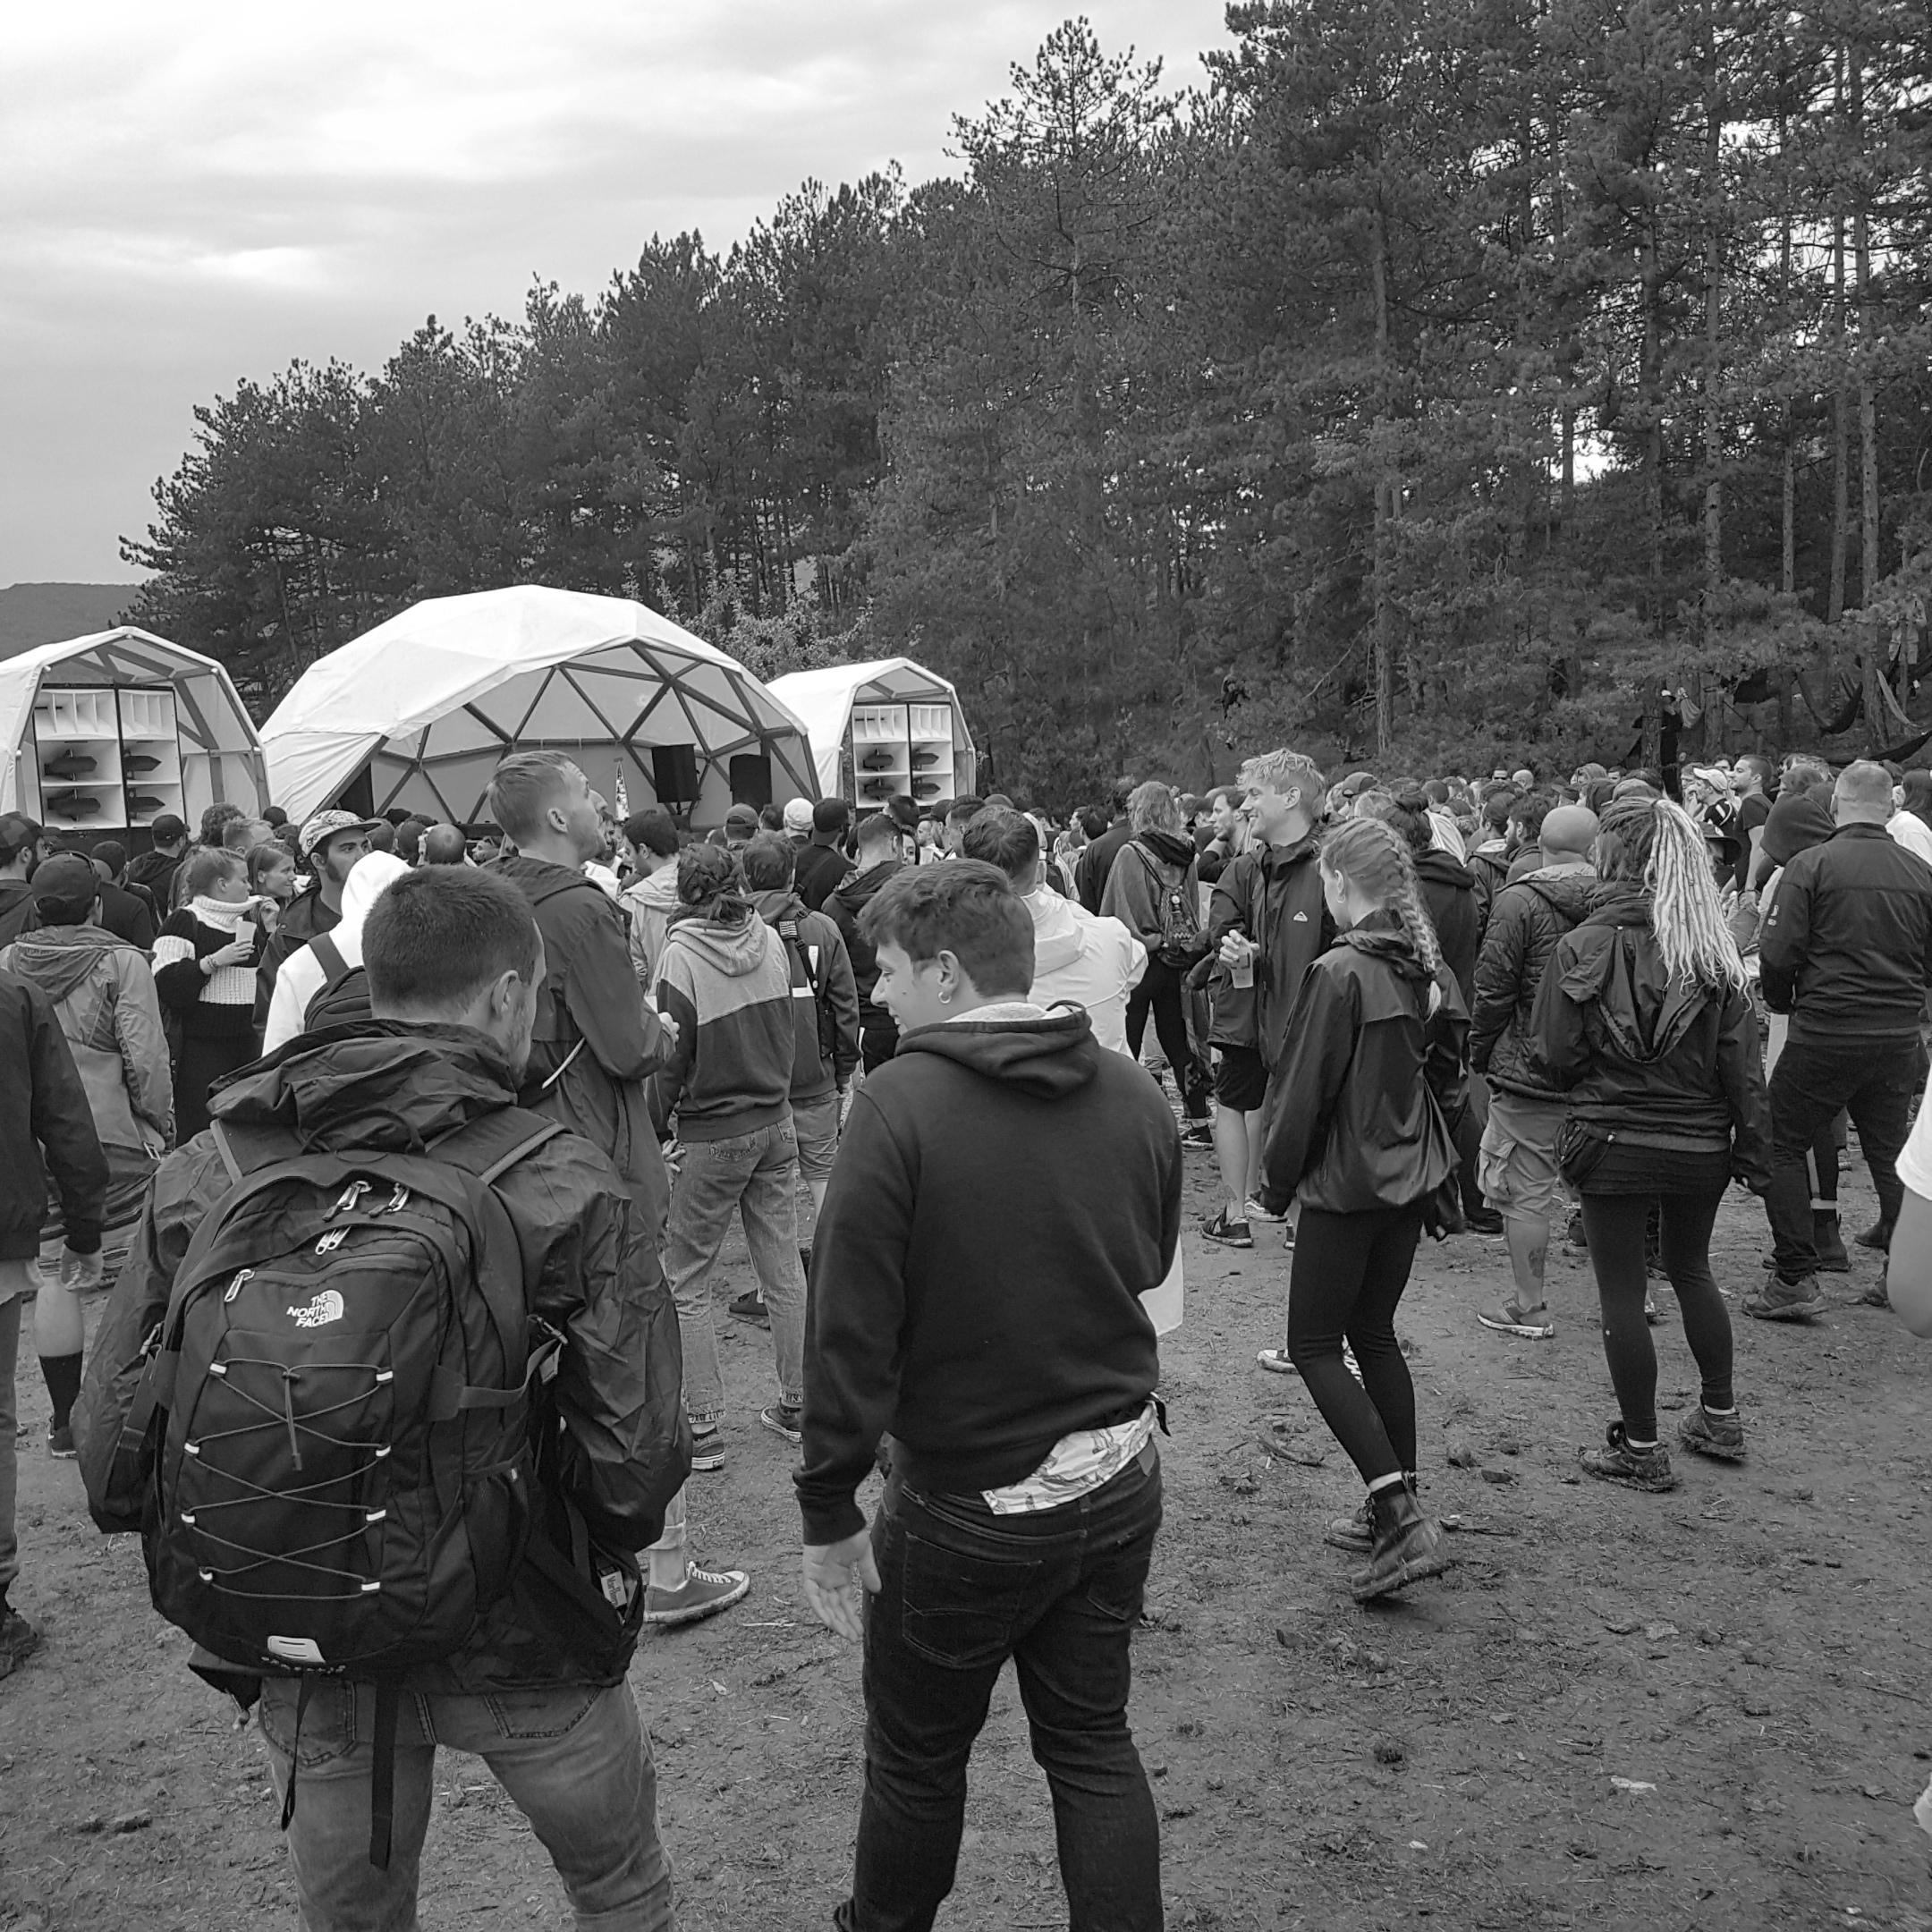 Cuando llueve en Paral·lel Festival —además lo he pasado al blanco y negro para dramatizar más—.